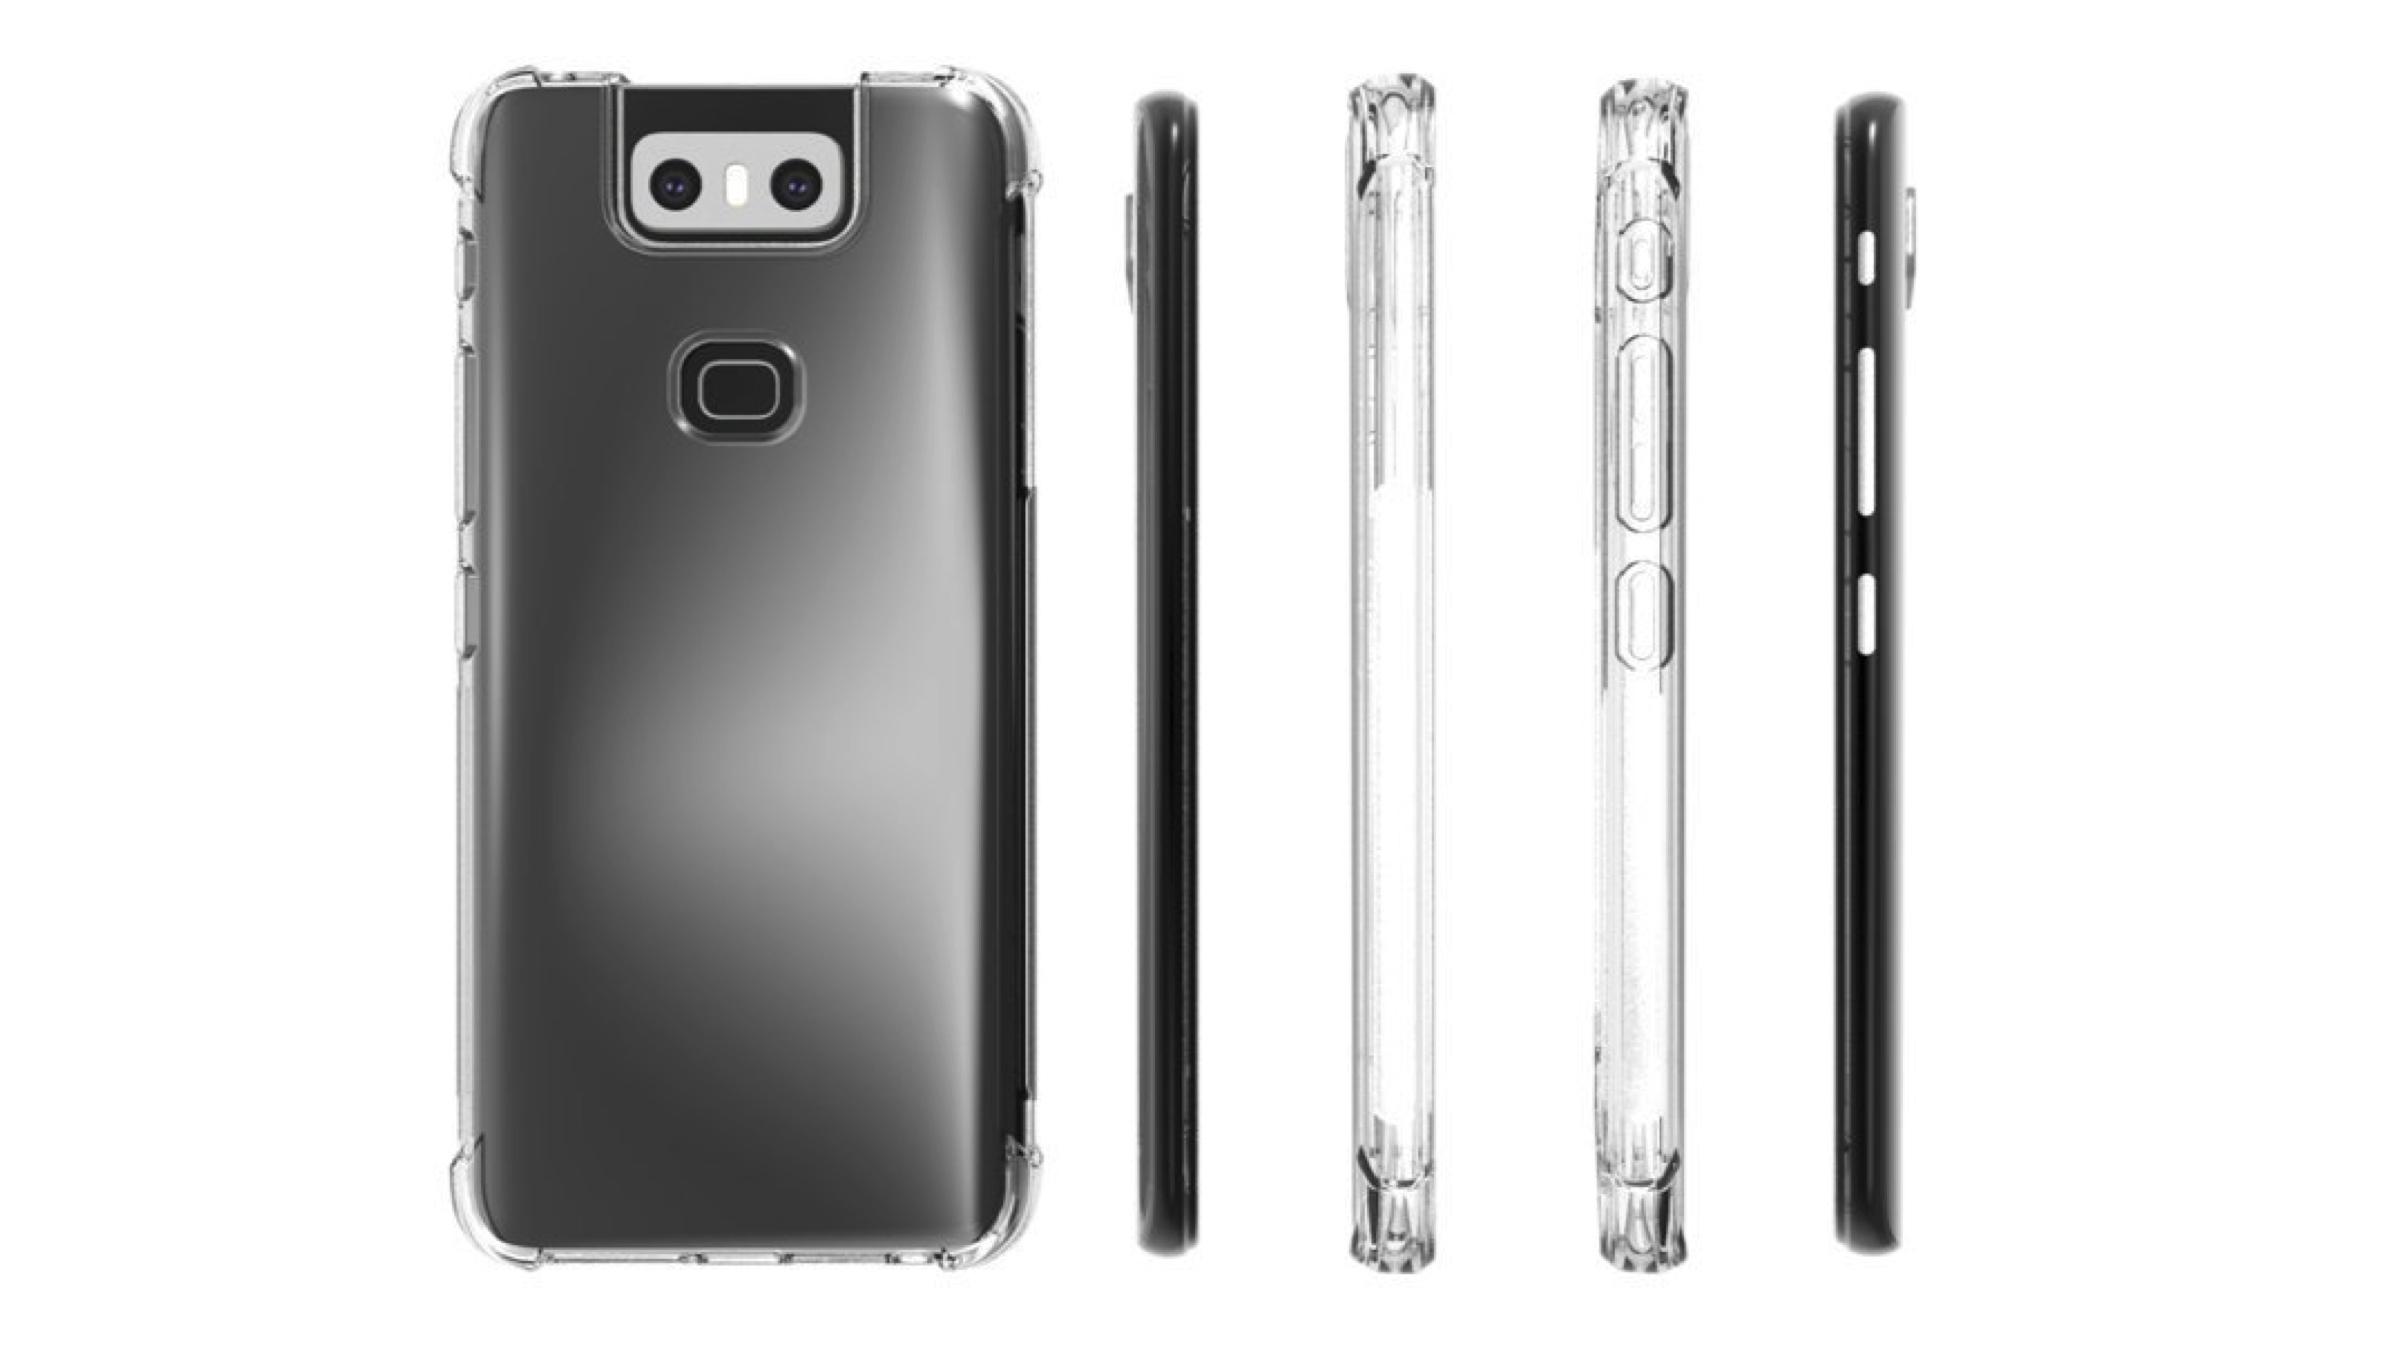 Asus Zenfone 6 Case Renders